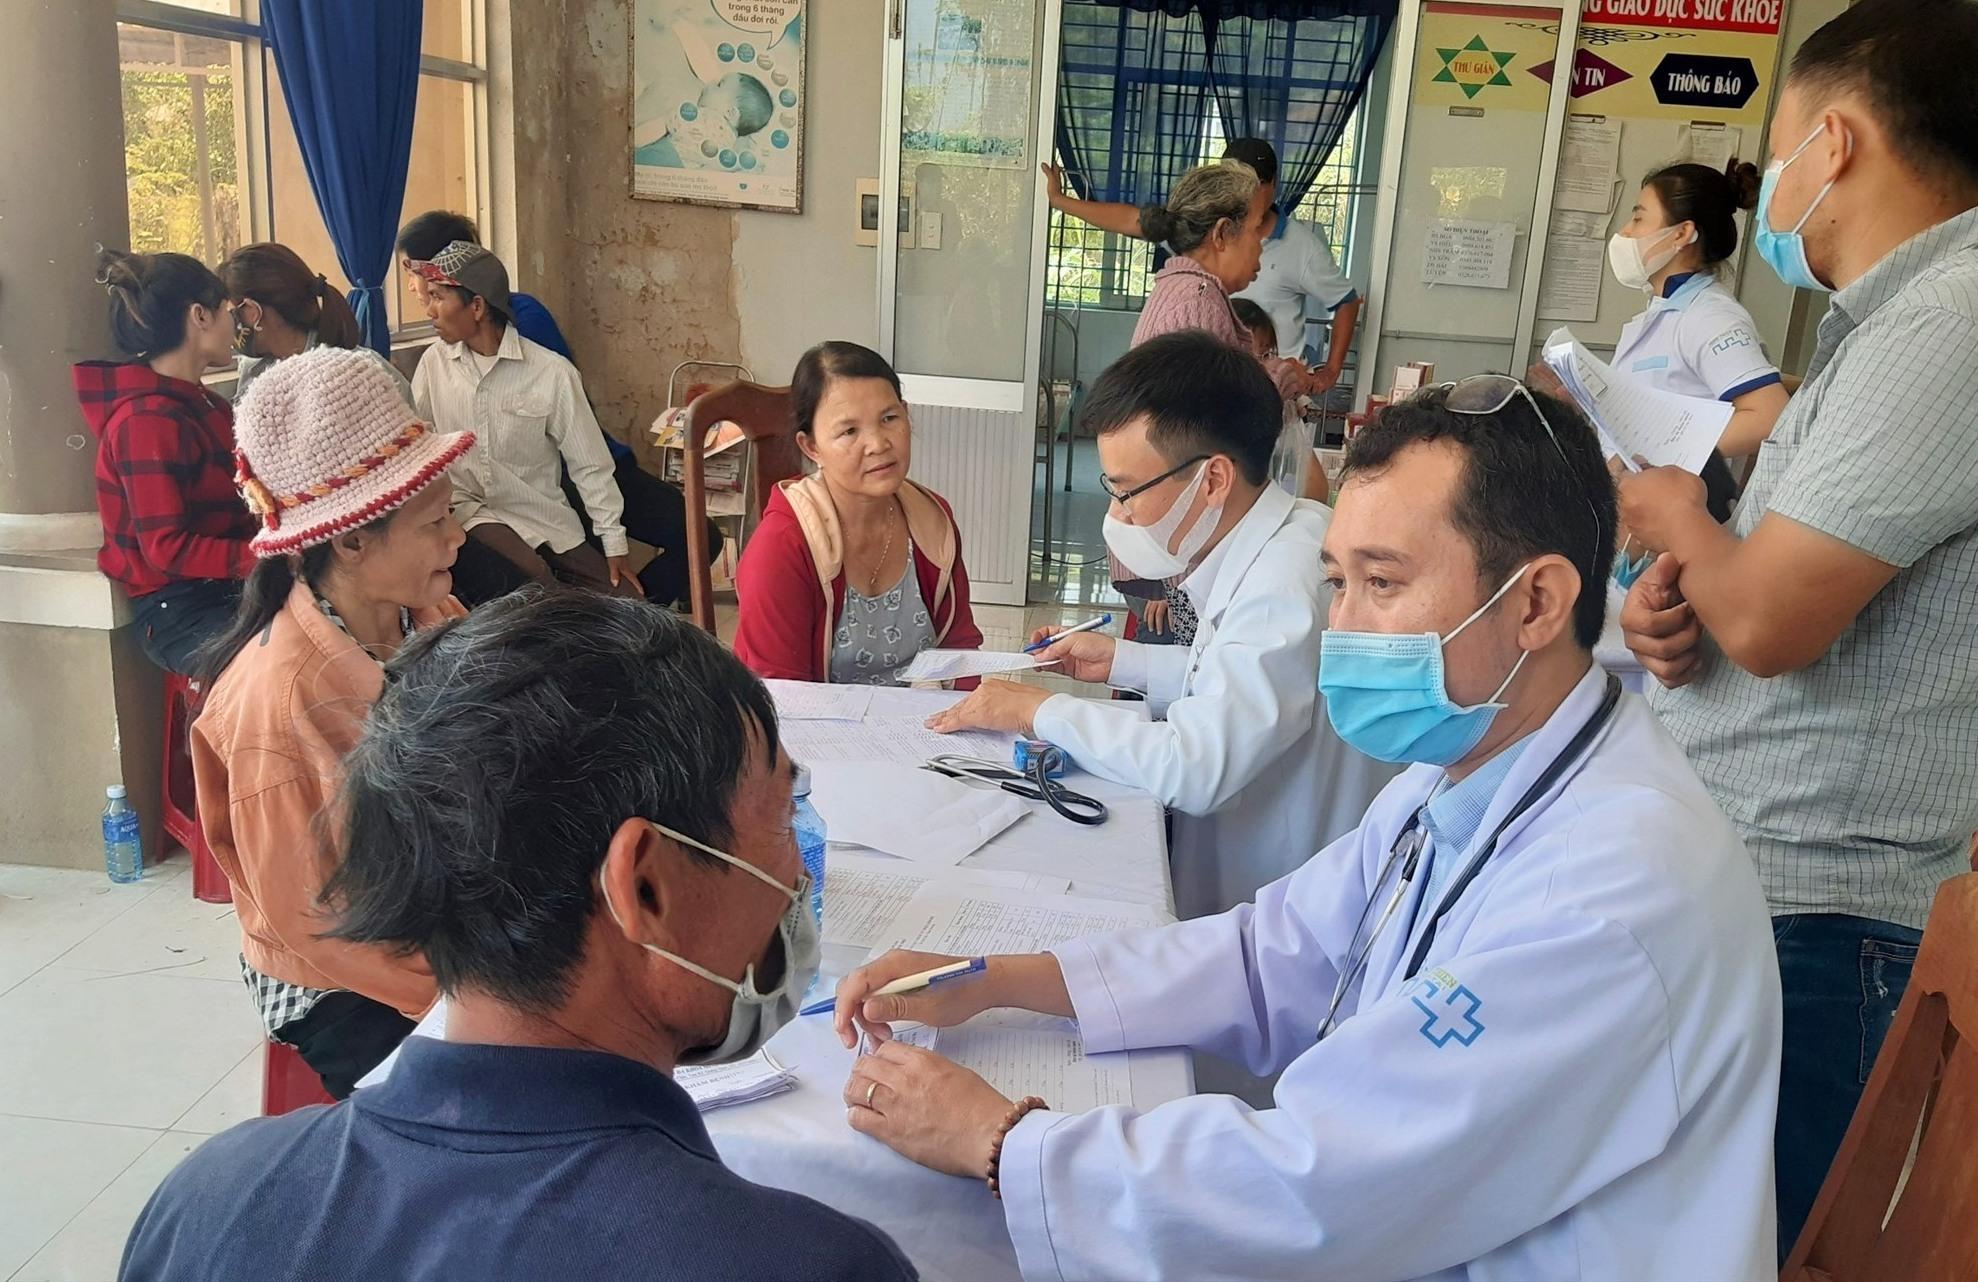 Đoàn y, bác sĩ tình nguyện Bệnh viện Đa khoa Minh Thiện khám bệnh cho người dân. Ảnh: V.A